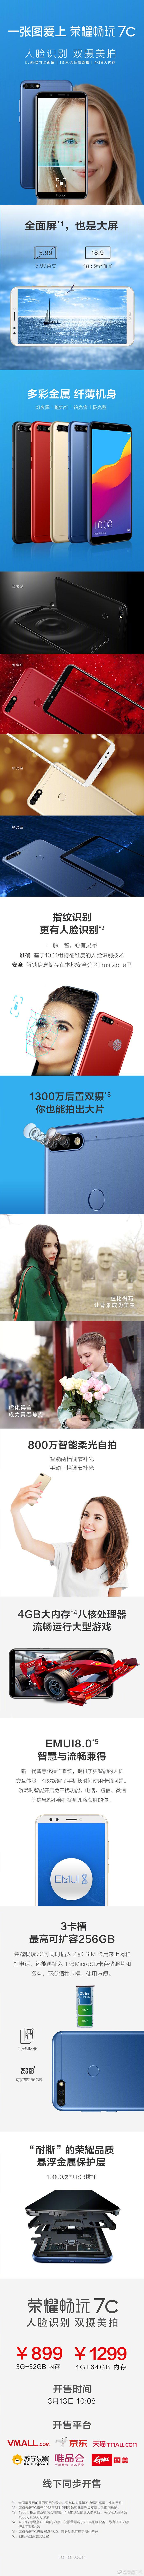 华为荣耀发布畅玩7C:5.99英寸720p、骁龙450、卖899元起